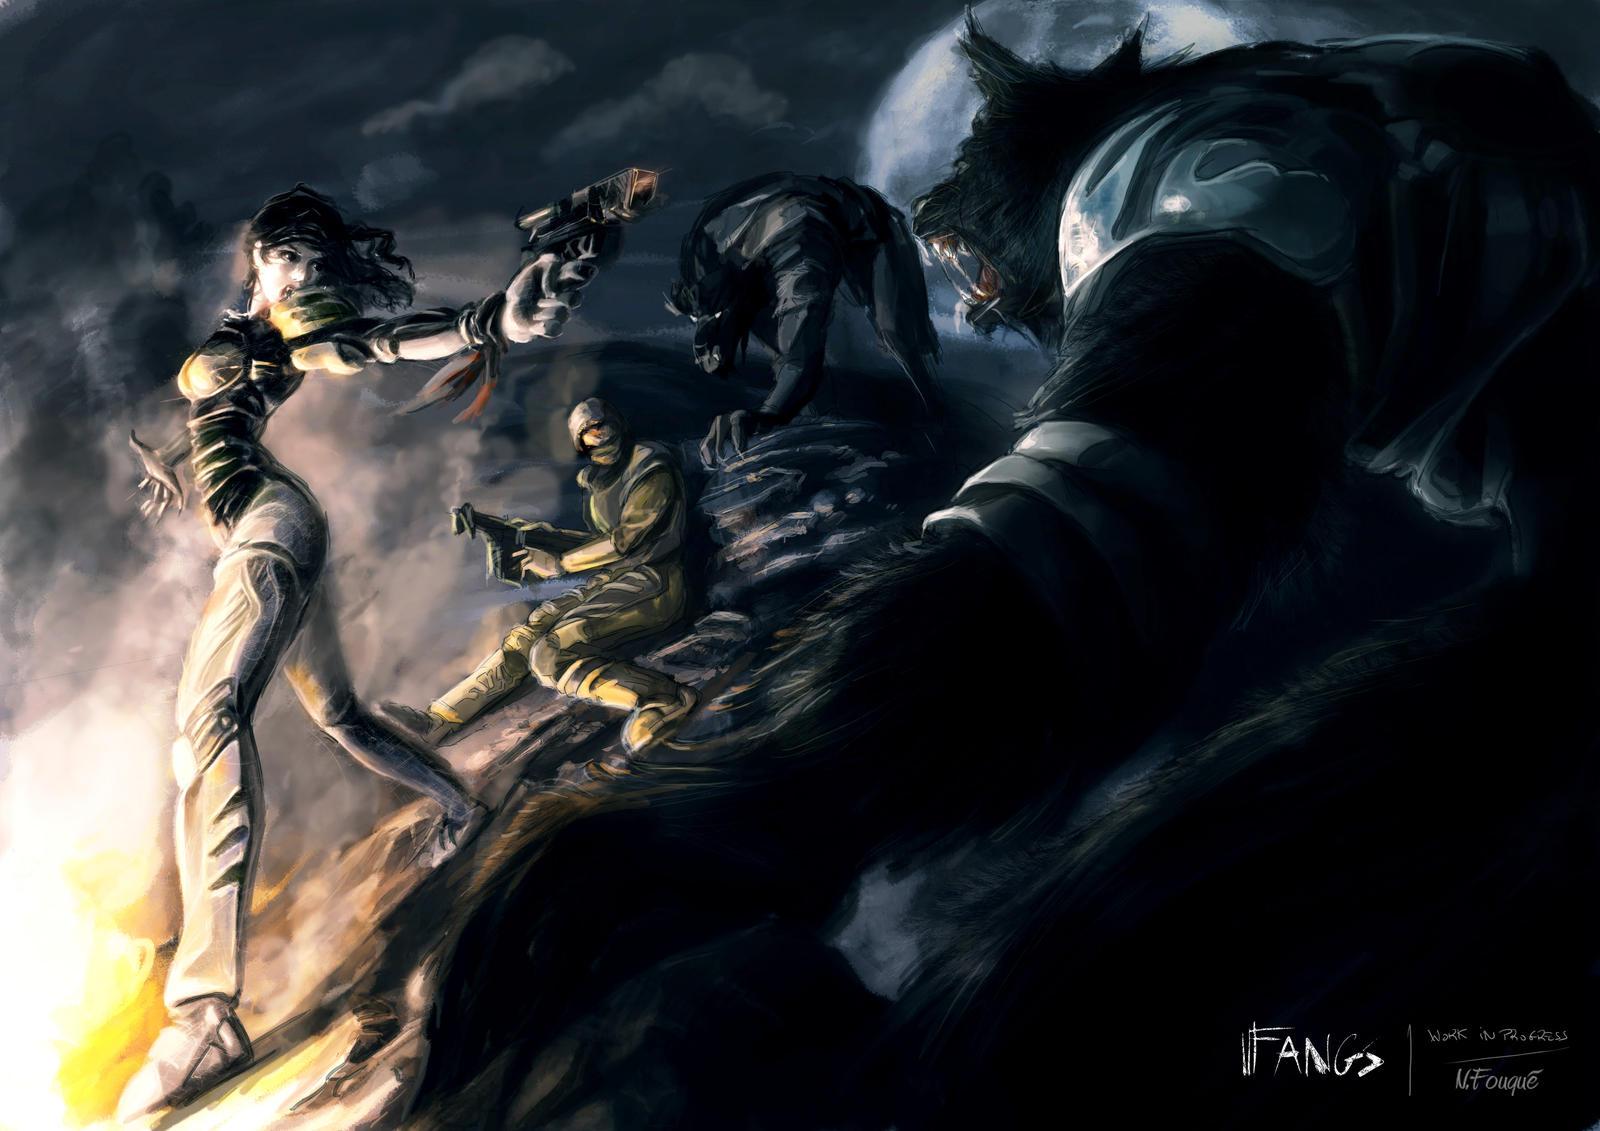 Vampires/wolves battle by nfouque on DeviantArt